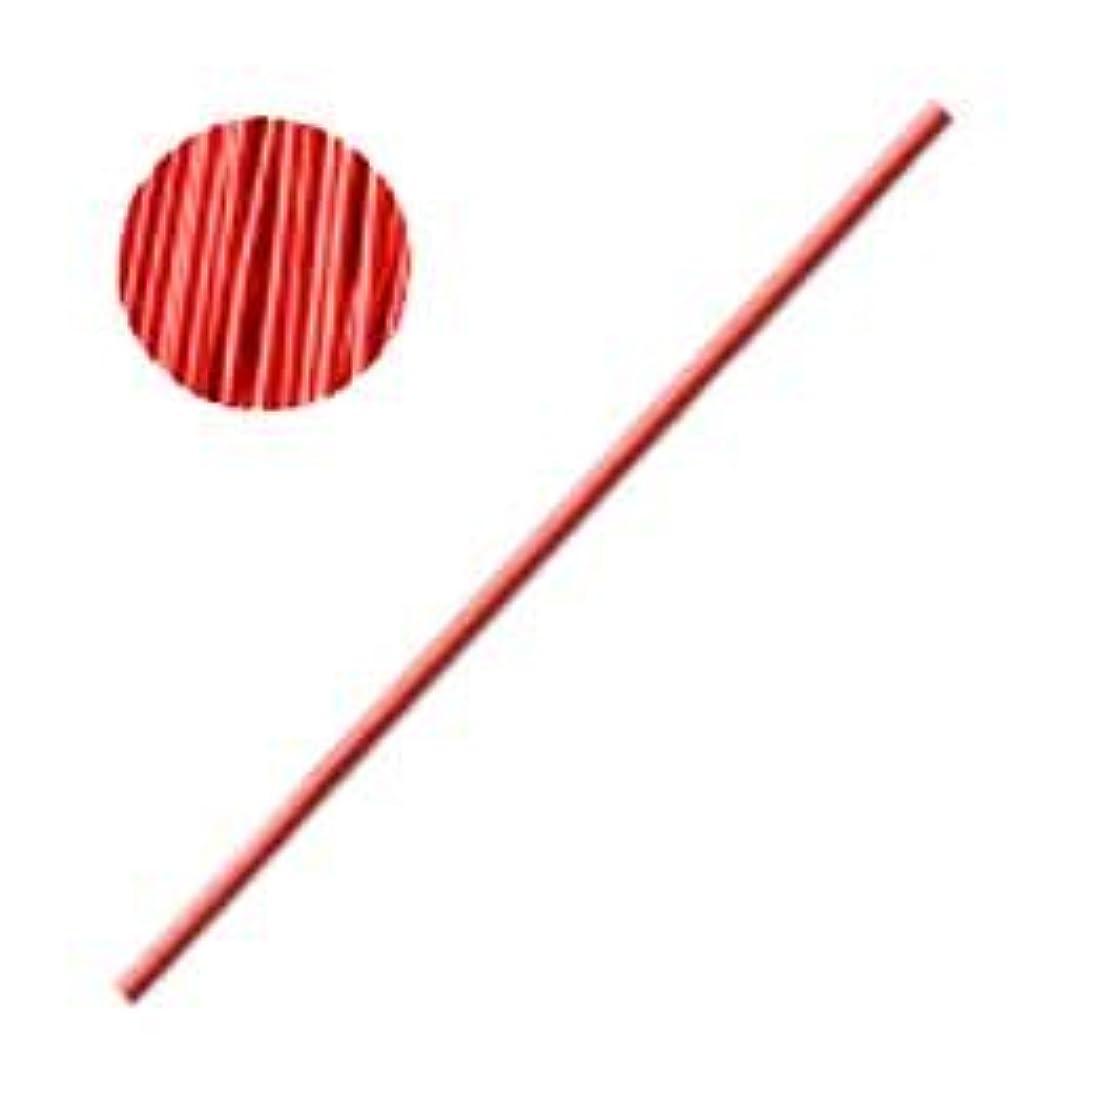 フレッシュ休憩心理的Bonnail カラーワイヤー レッド 10cm